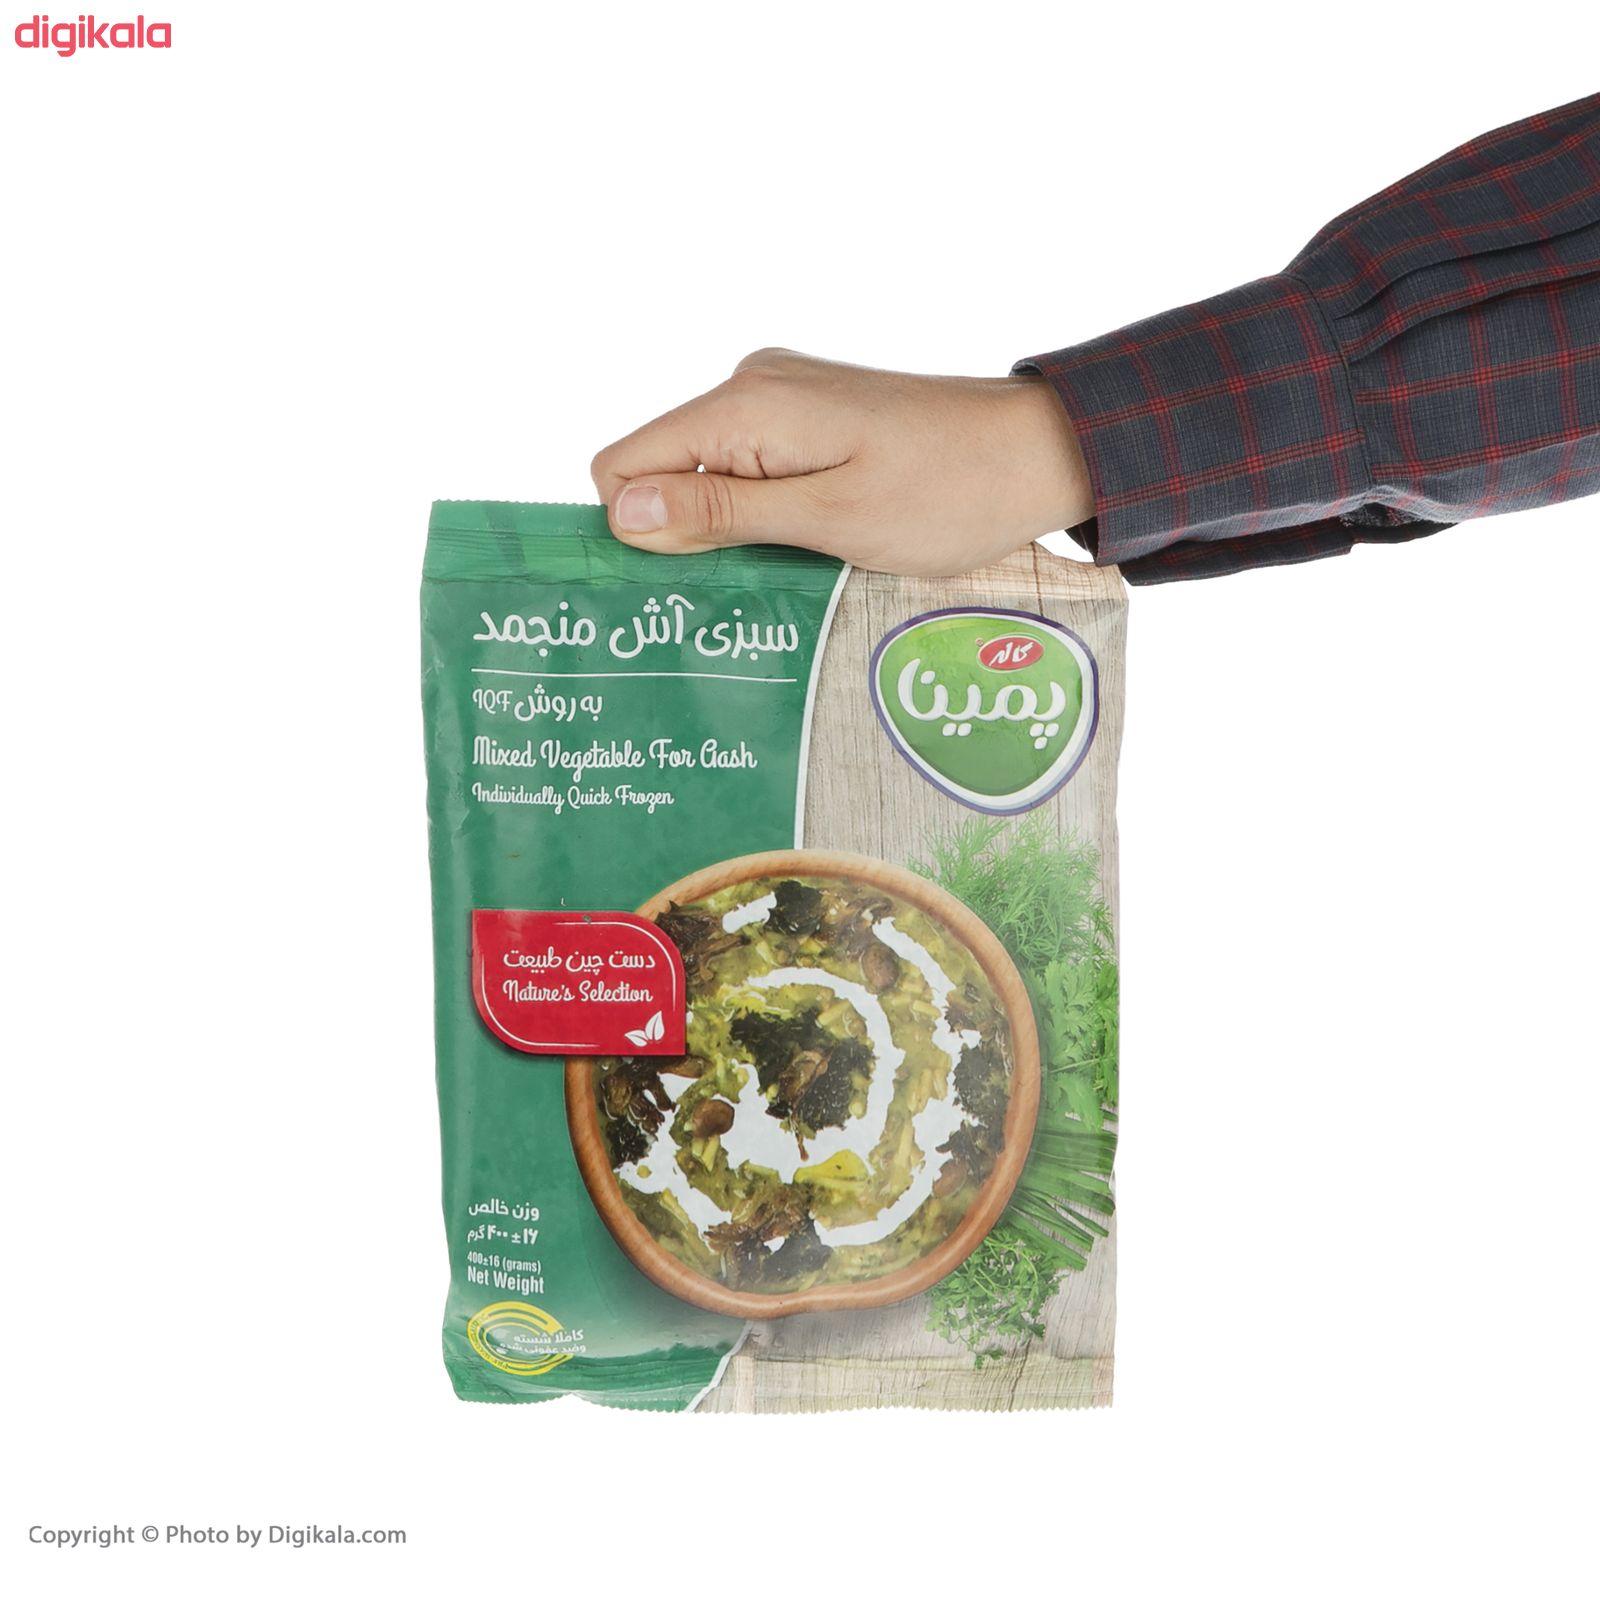 سبزی آش منجمد پمینا مقدار 400 گرم main 1 3